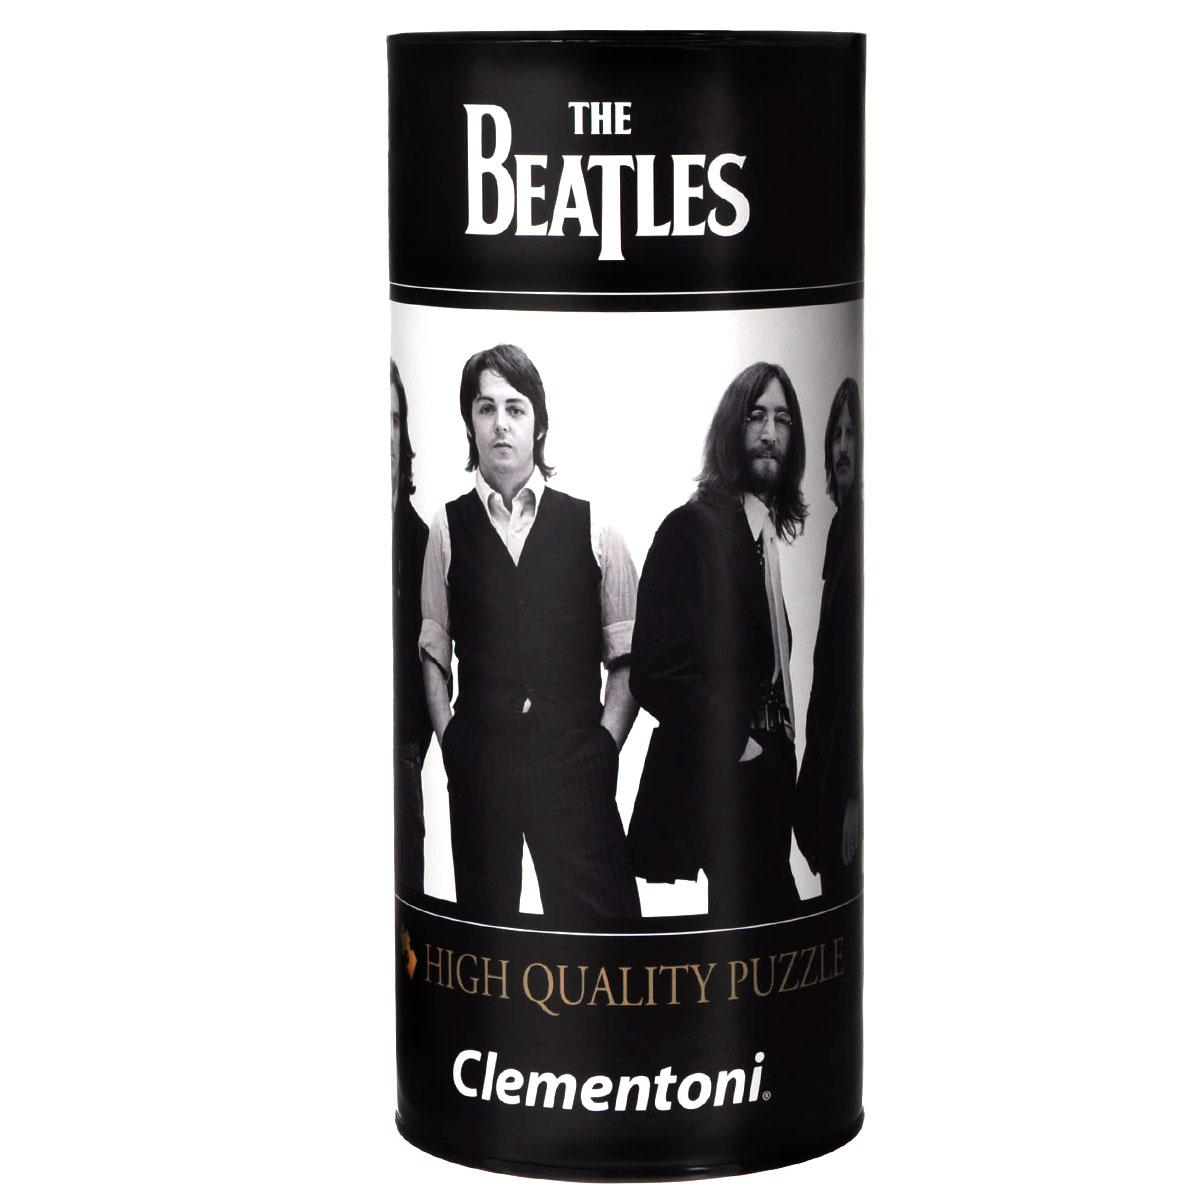 Clementoni The Beatles, Across The Universe. Пазл, 500 элементов21200Пазл Clementoni The Beatles, Across The Universe, без сомнения, придется по душе вам и вашему ребенку. Собрав этот пазл, включающий в себя 500 элементов, вы получите картину с изображением знаменитой группы The Beatles. Каждая деталь имеет свою форму и подходит только на своё место. Нет двух одинаковых деталей! Пазл изготовлен из картона высочайшего качества. Все изображения аккуратно отсканированы и напечатаны на ламинированной бумаге. Пазл упакован в оригинальную коробку-тубус. Пазл - великолепная игра для семейного досуга. Сегодня собирание пазлов стало особенно популярным, главным образом, благодаря своей многообразной тематике, способной удовлетворить самый взыскательный вкус. А для детей это не только интересно, но и полезно. Собирание пазла развивает мелкую моторику у ребенка, тренирует наблюдательность, логическое мышление, знакомит с окружающим миром, с цветом и разнообразными формами.